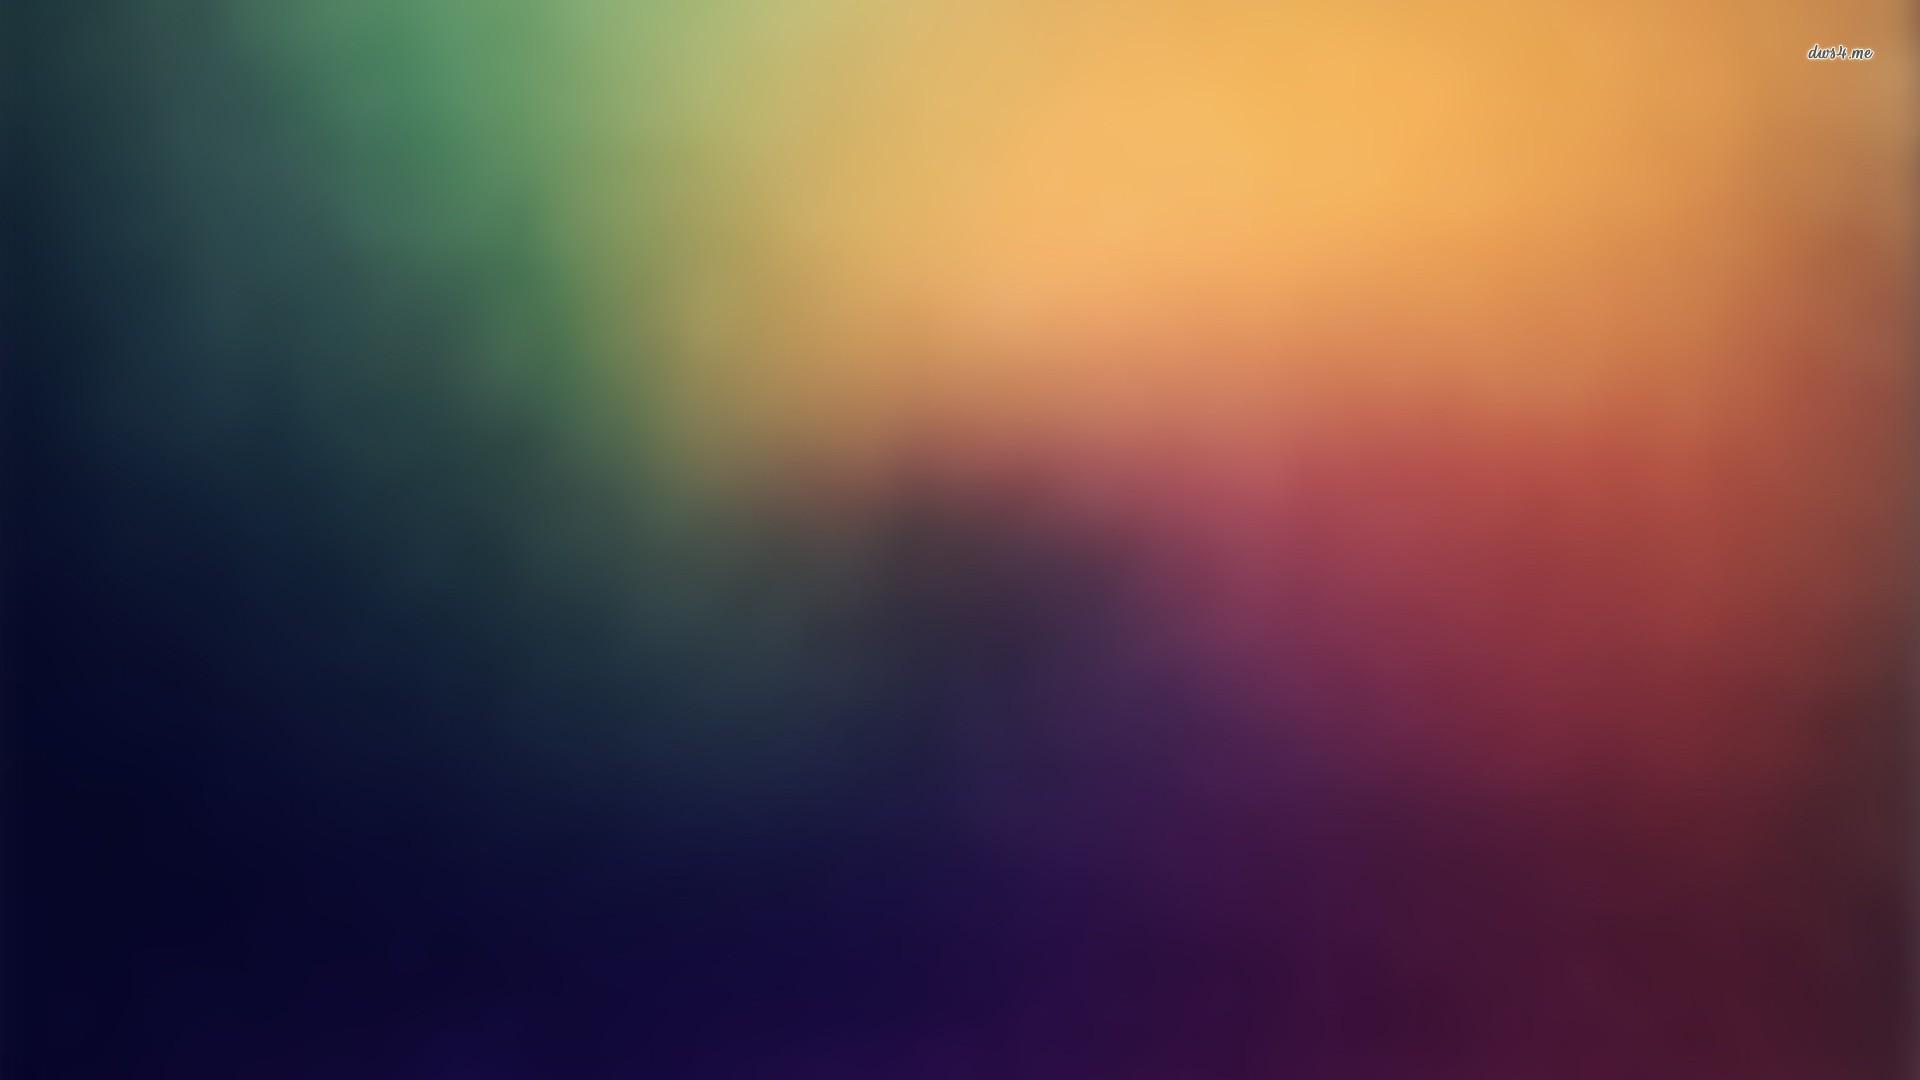 gradient wallpaper #13